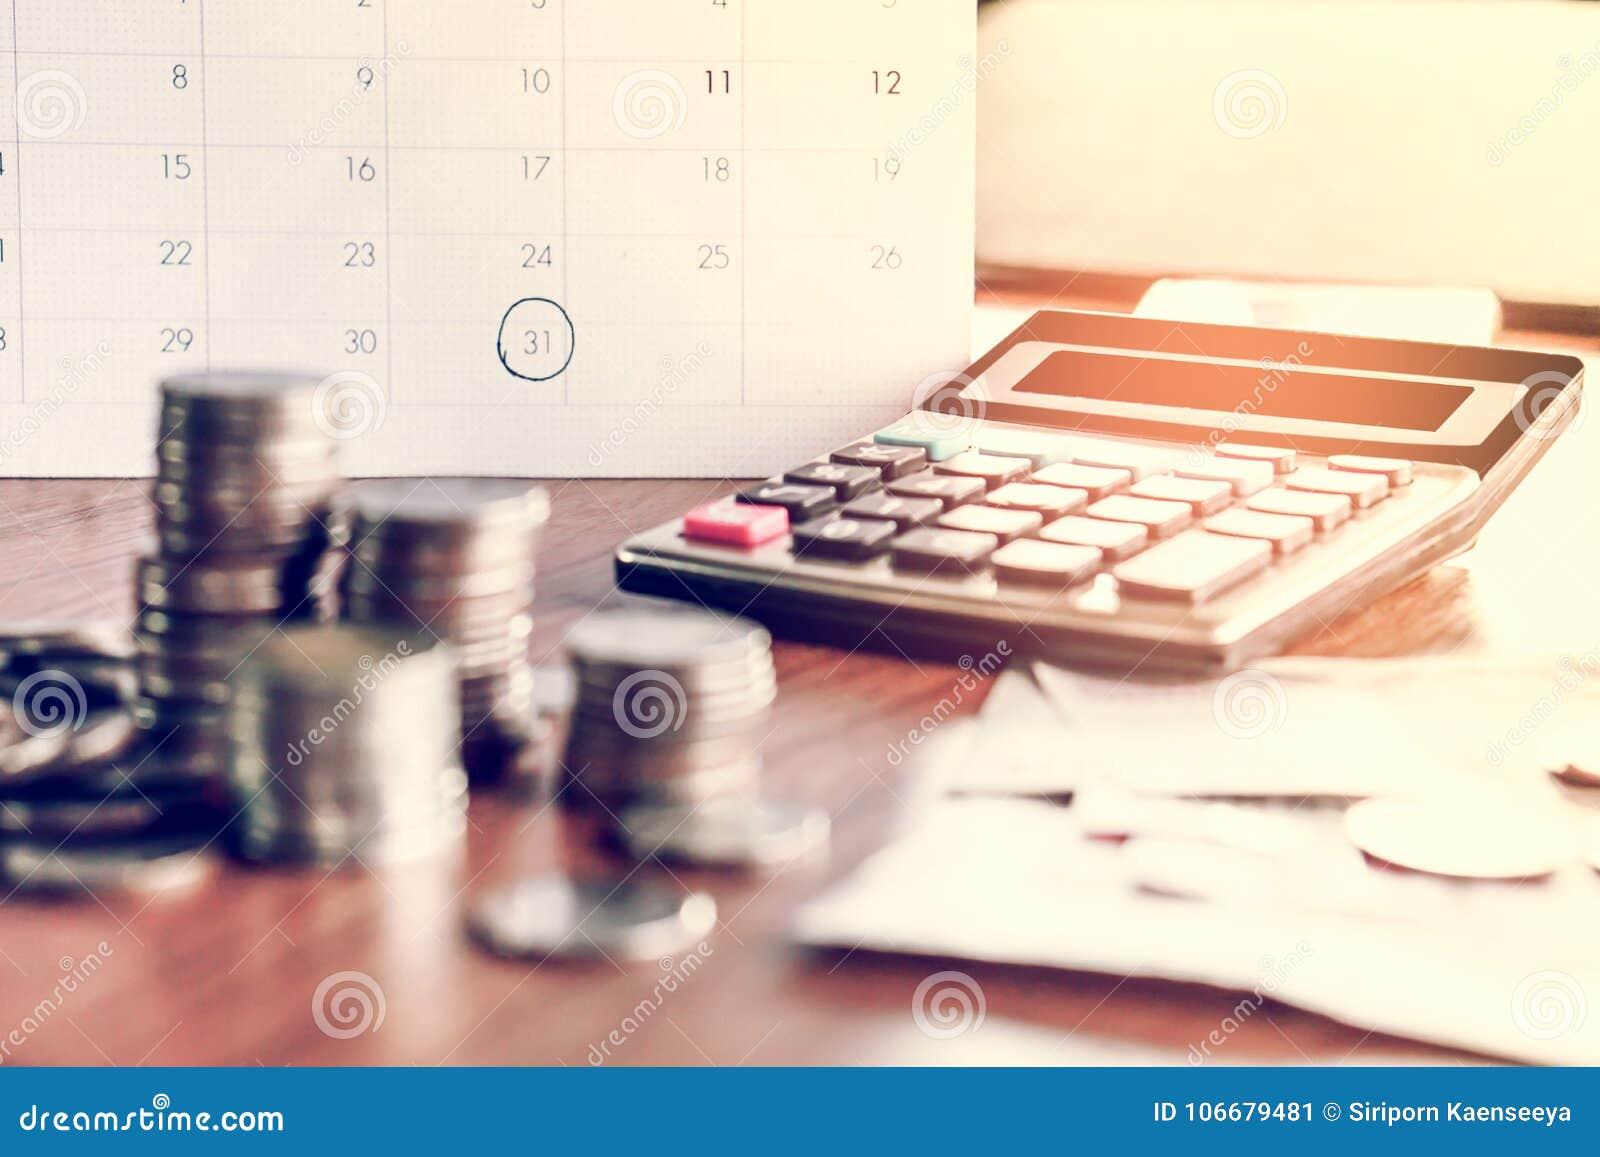 Il concetto della riscossione dei crediti e di stagione di imposta con il calendario di termine ricorda alla nota, le monete, le